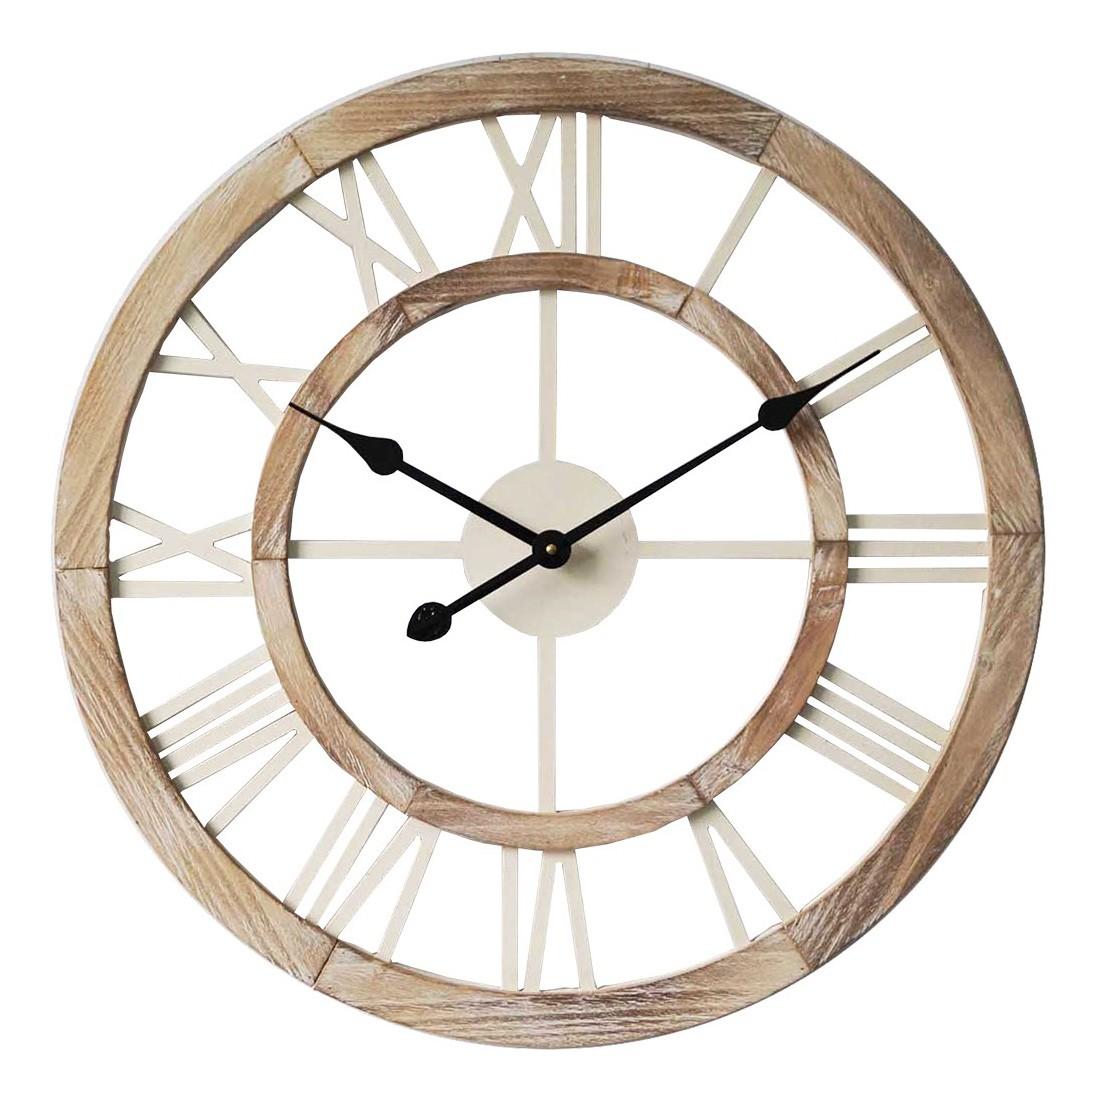 Sete Wooden Round Wall Clock, 60cm